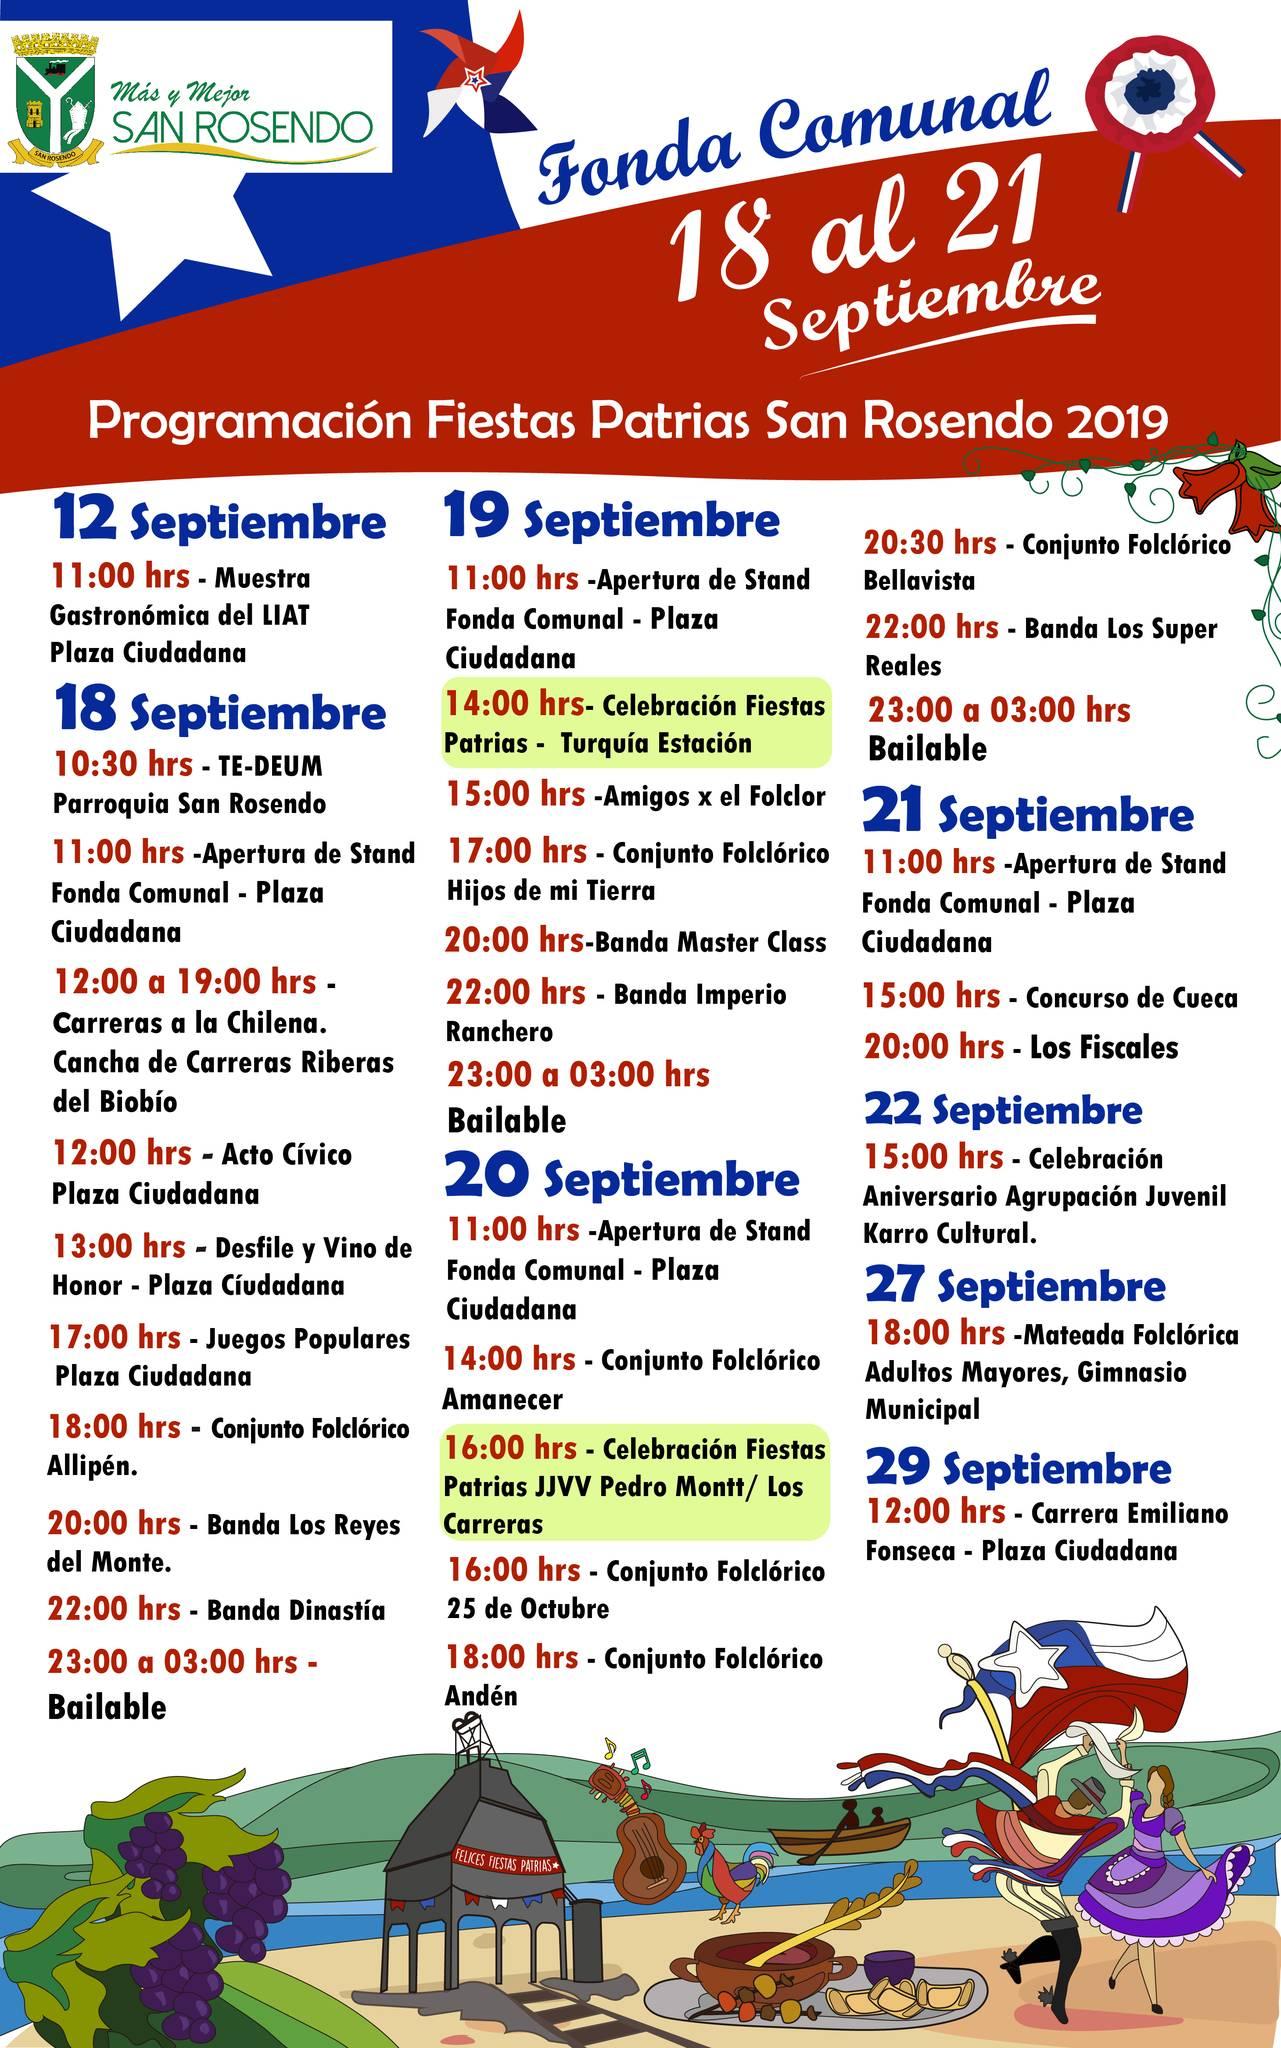 San Rosendo • Programa Fiestas Patrias 2019